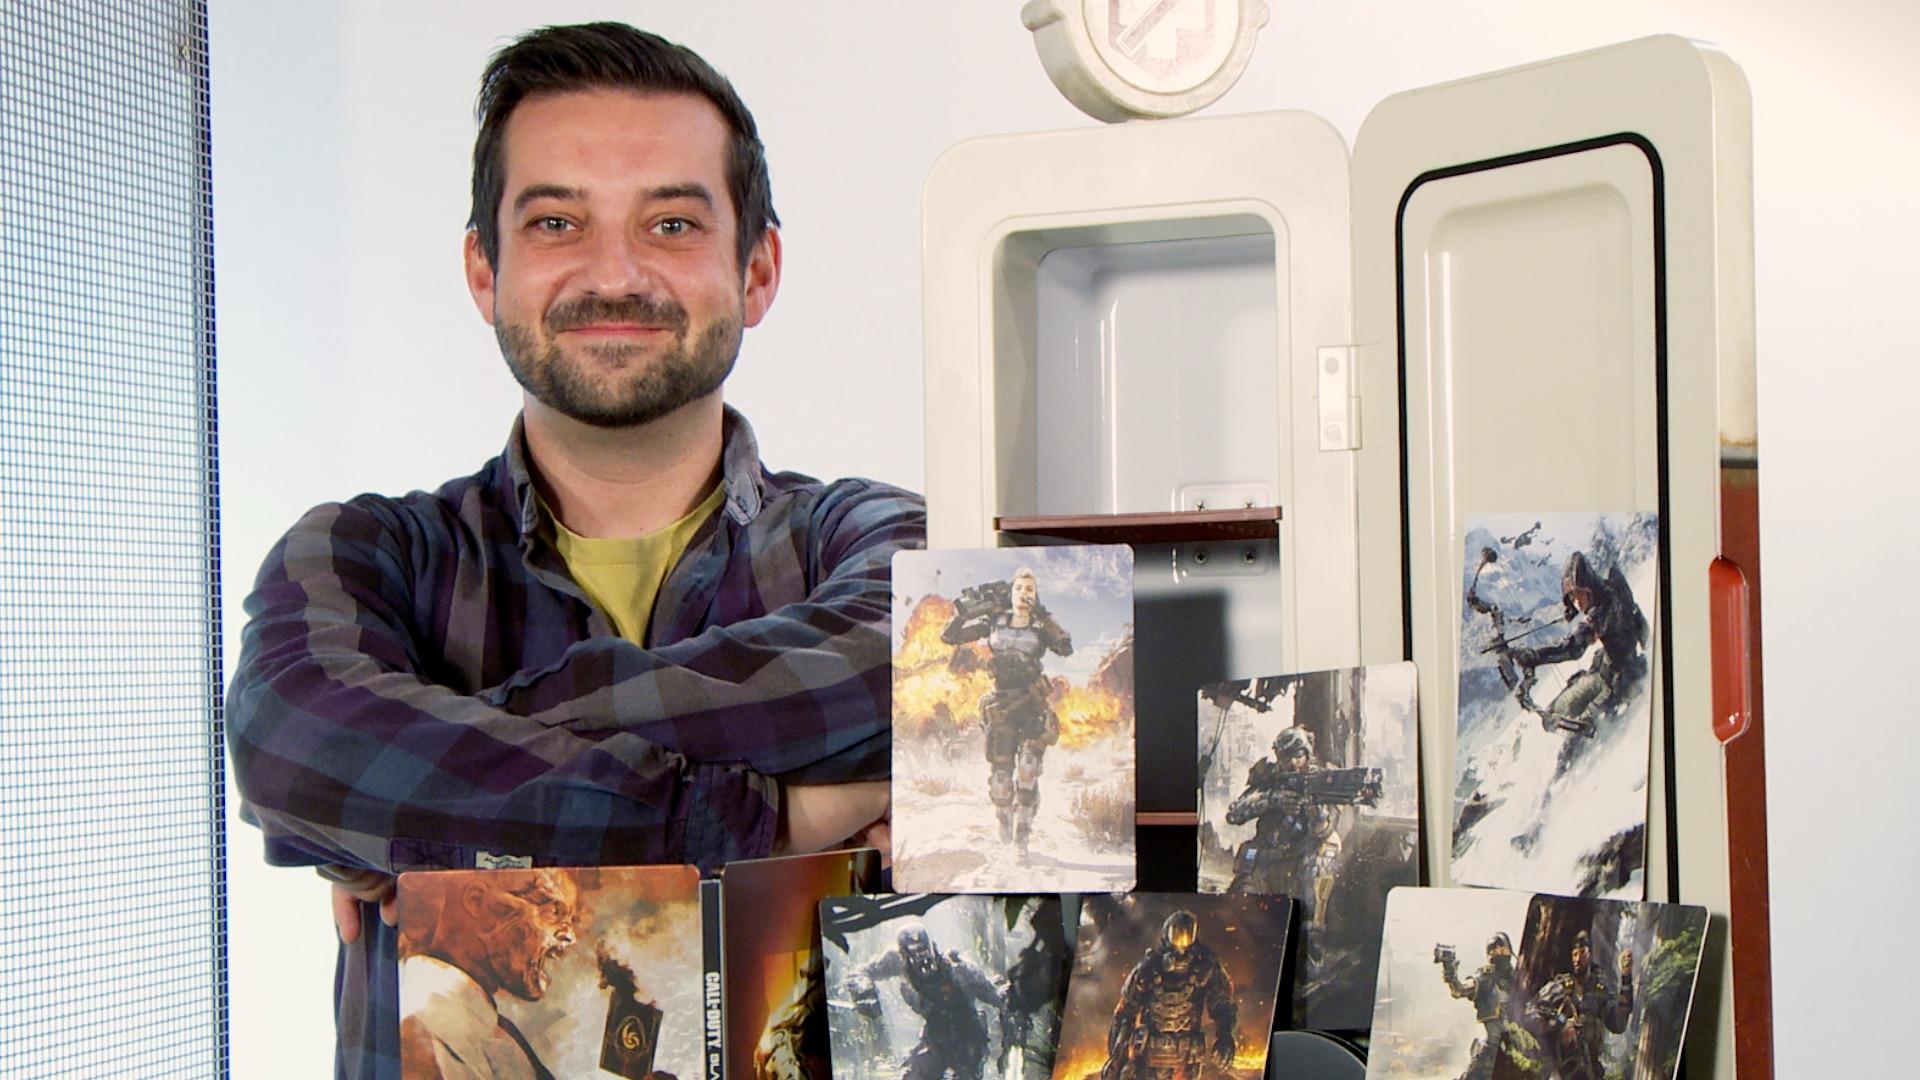 Mini Kühlschrank Juggernog : Call of duty black ops ps juggernog collectors edition treyarch